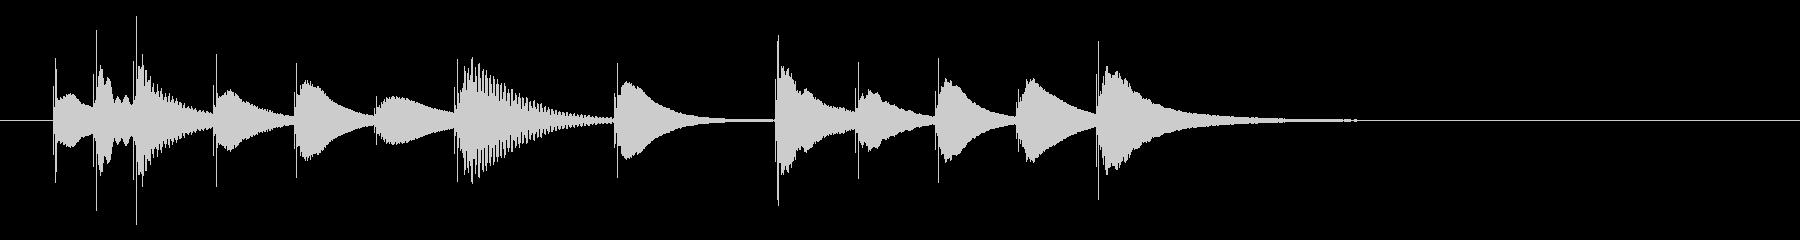 明るく可愛らしい木琴のジングル2の未再生の波形